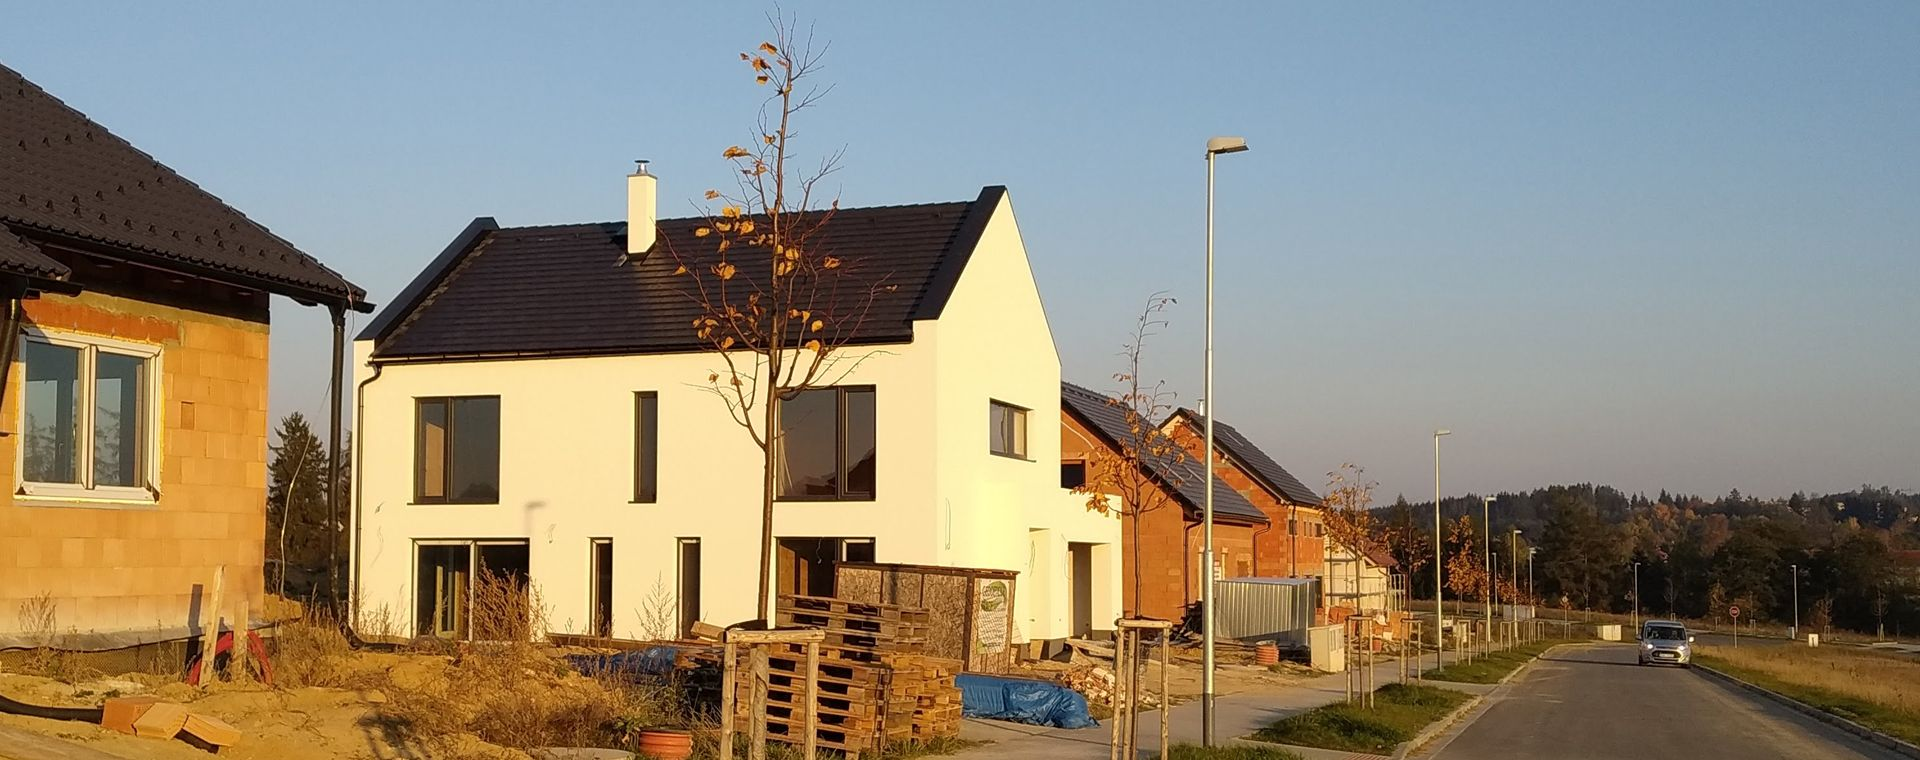 A new family house in Zdar nad Sazavou, 2016-2017, CZ